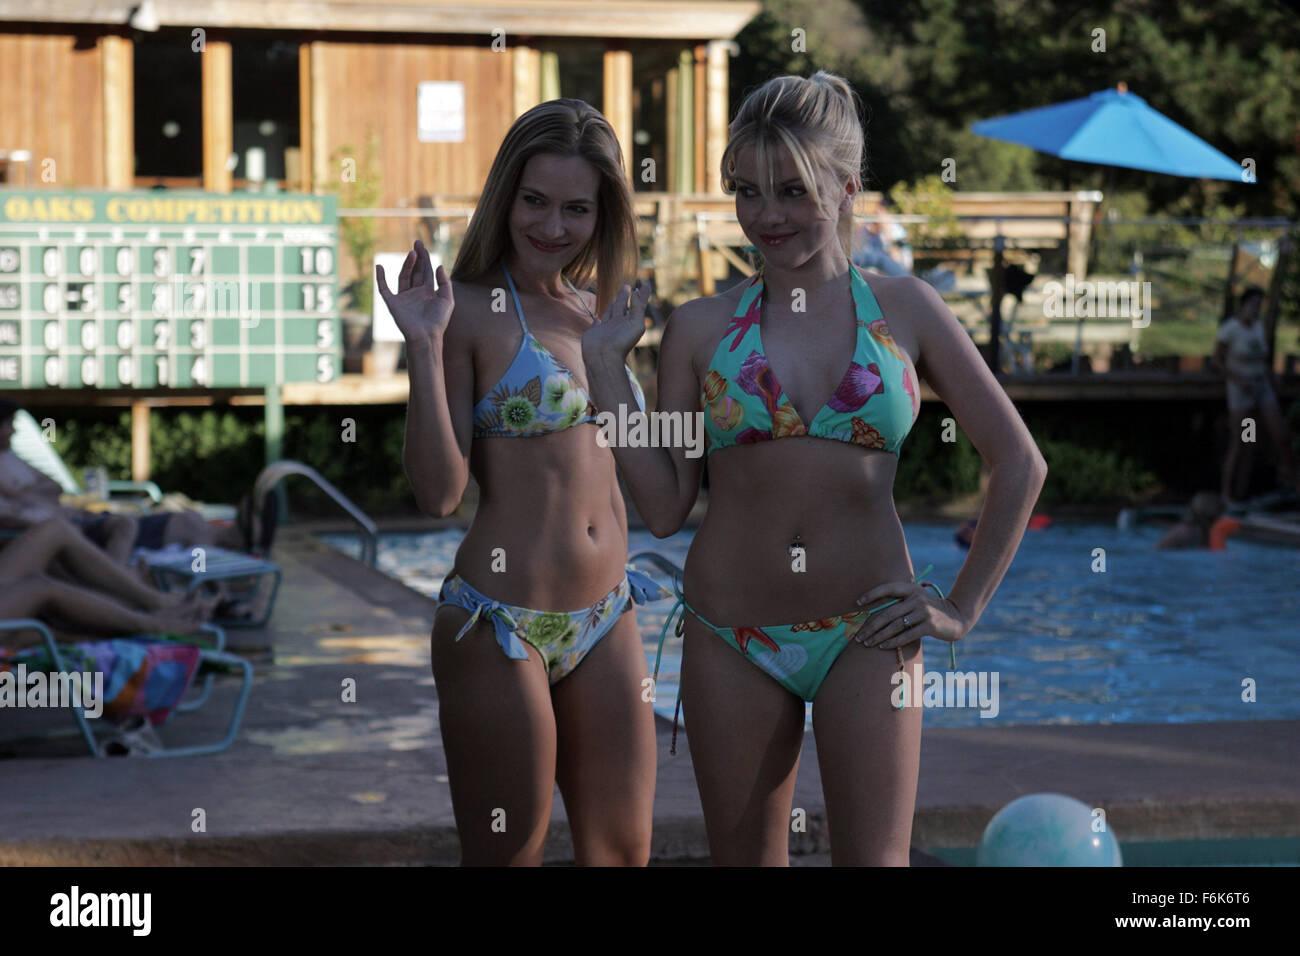 Rachel Veltri Nude Photos 1